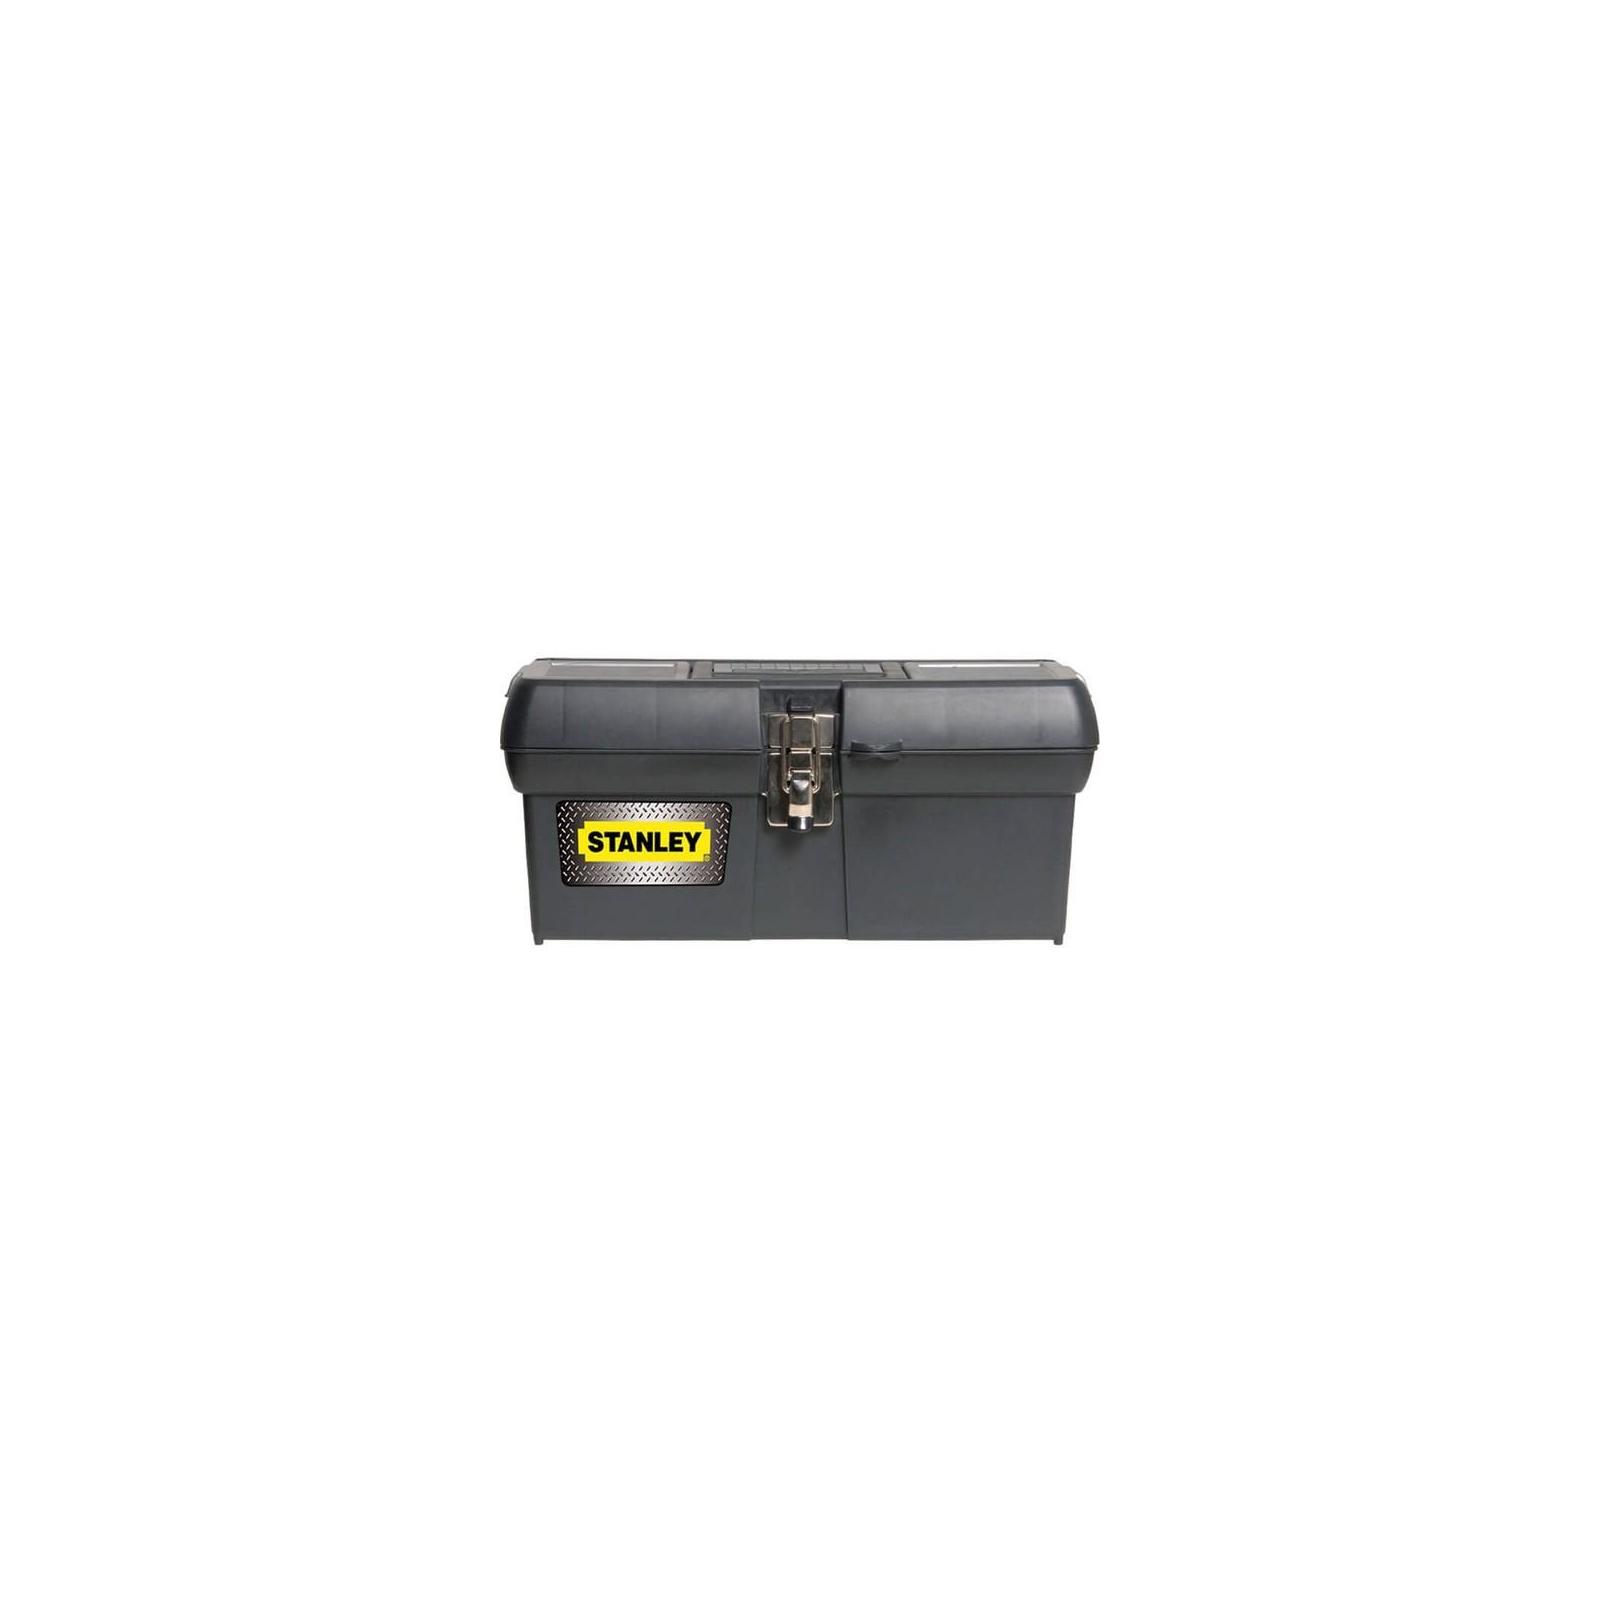 Ящик для инструментов Stanley с металлическим замком (400x209x183мм) (1-94-857)